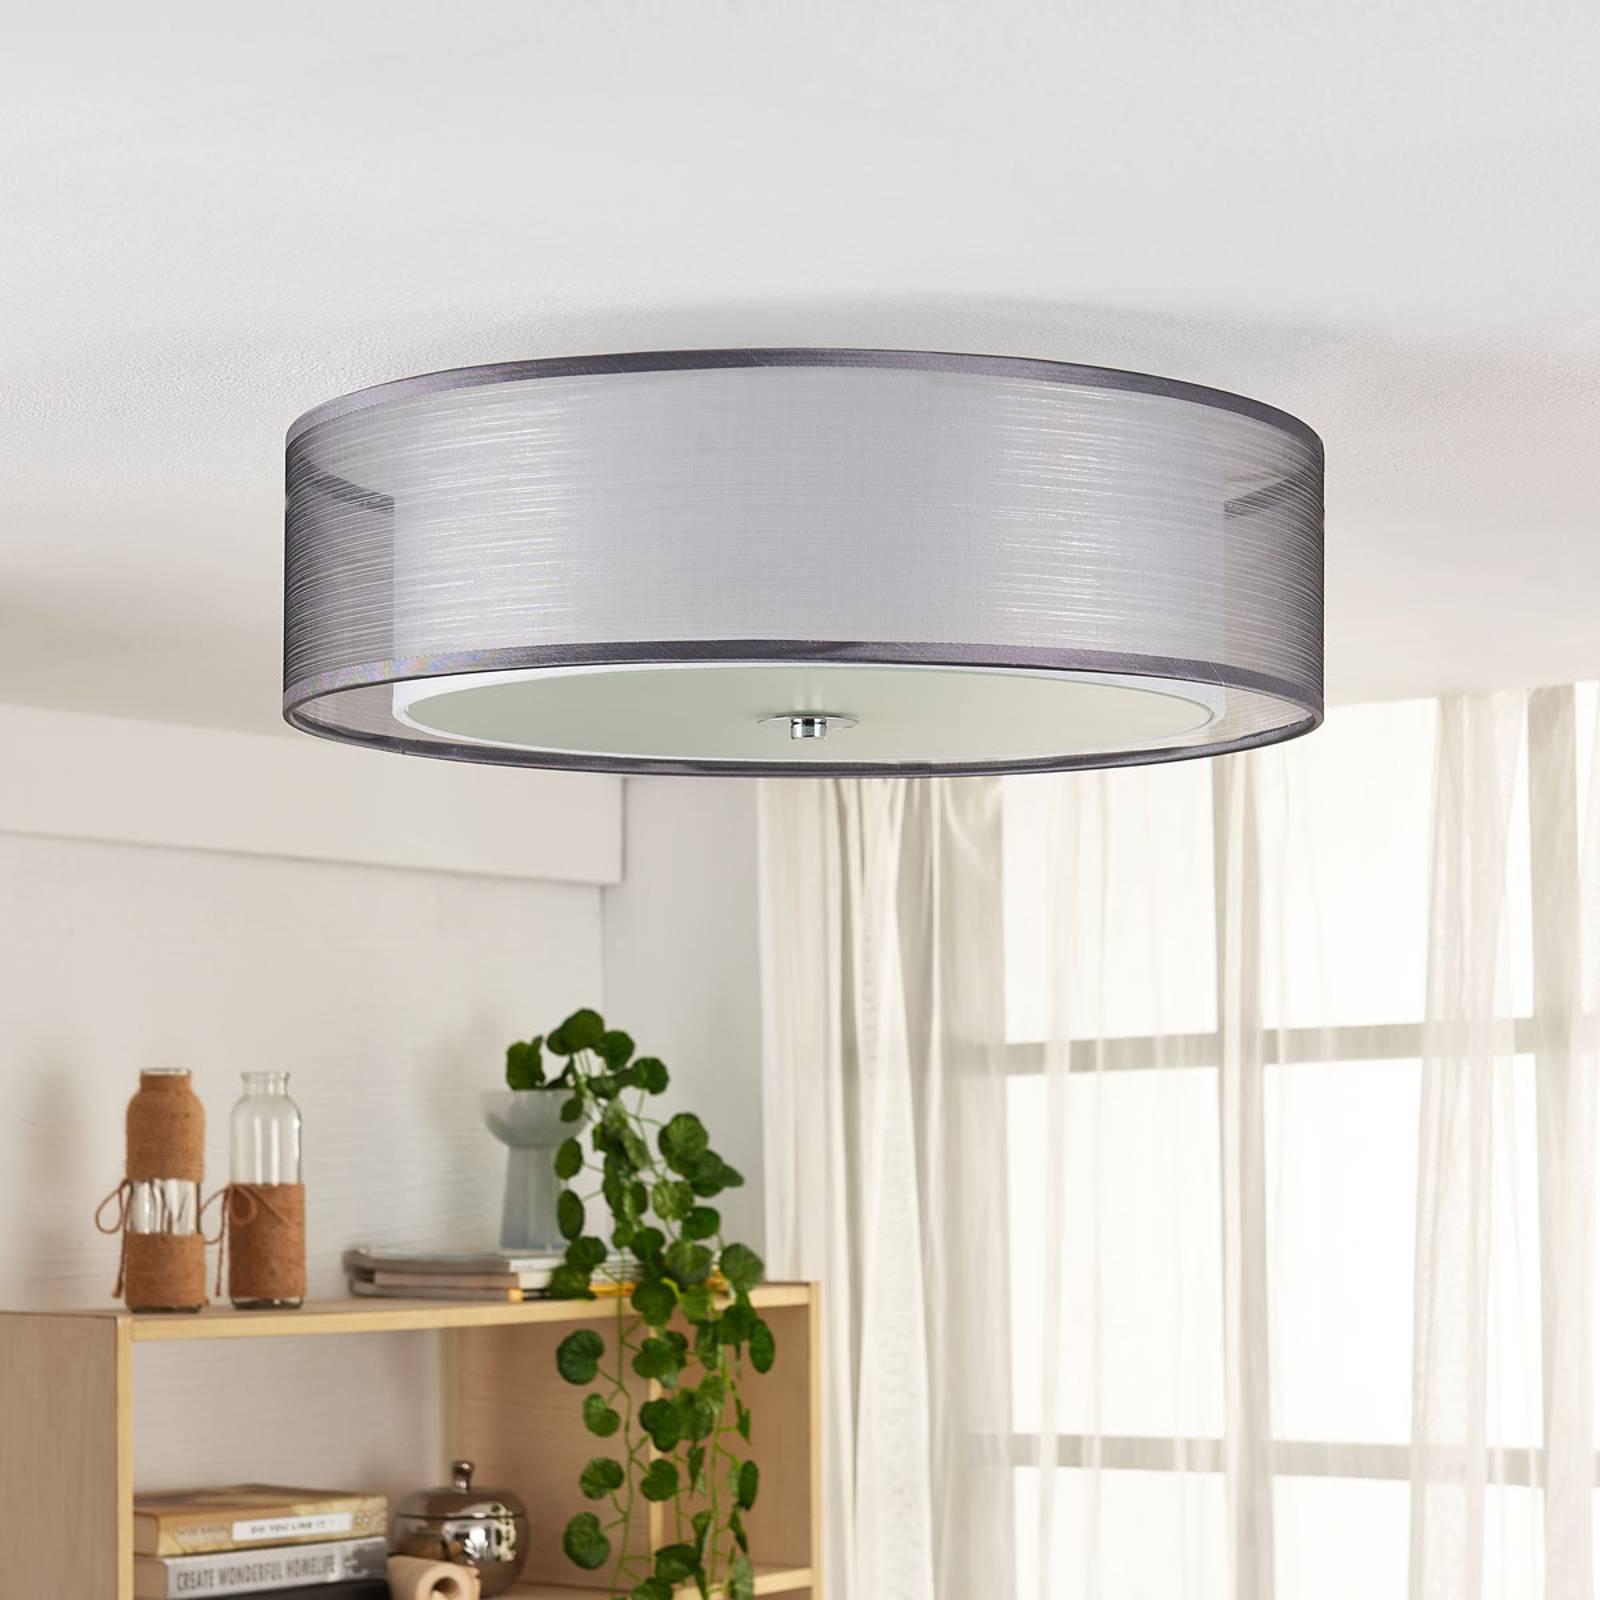 Lampa sufitowa LED Tobia, ściemniana, szara